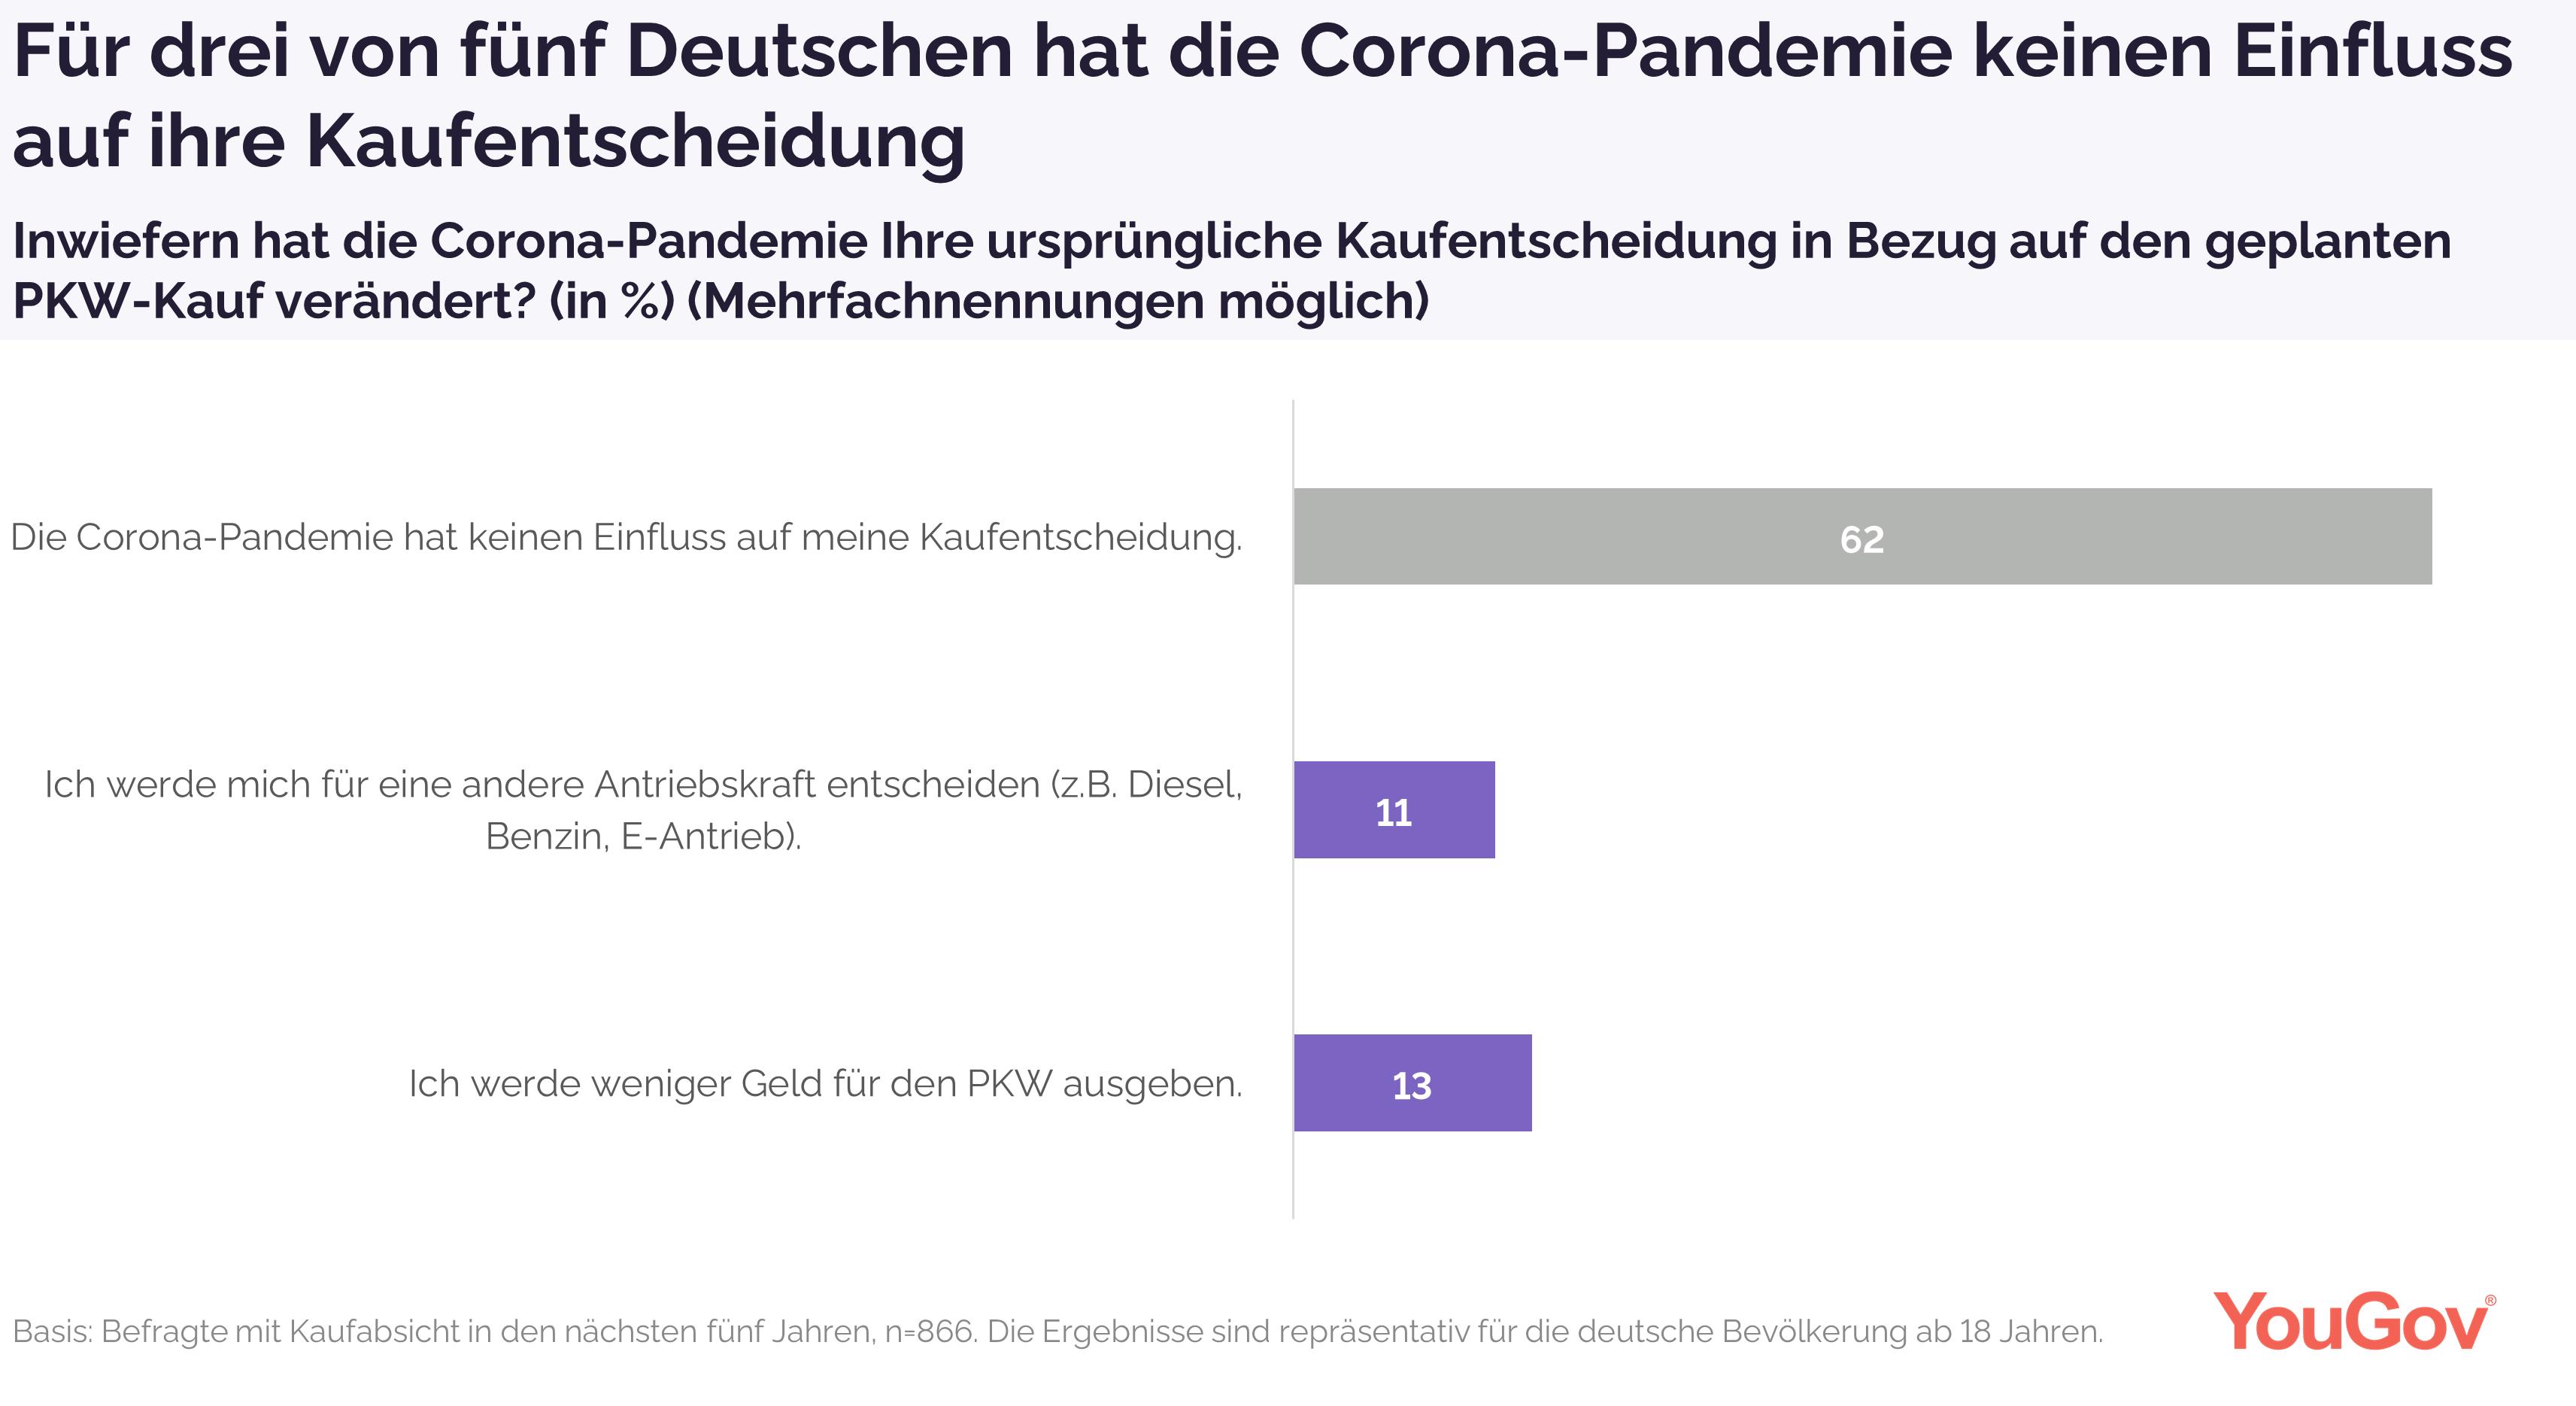 Corona-Krise für Kaufentscheidung beeinflussend?